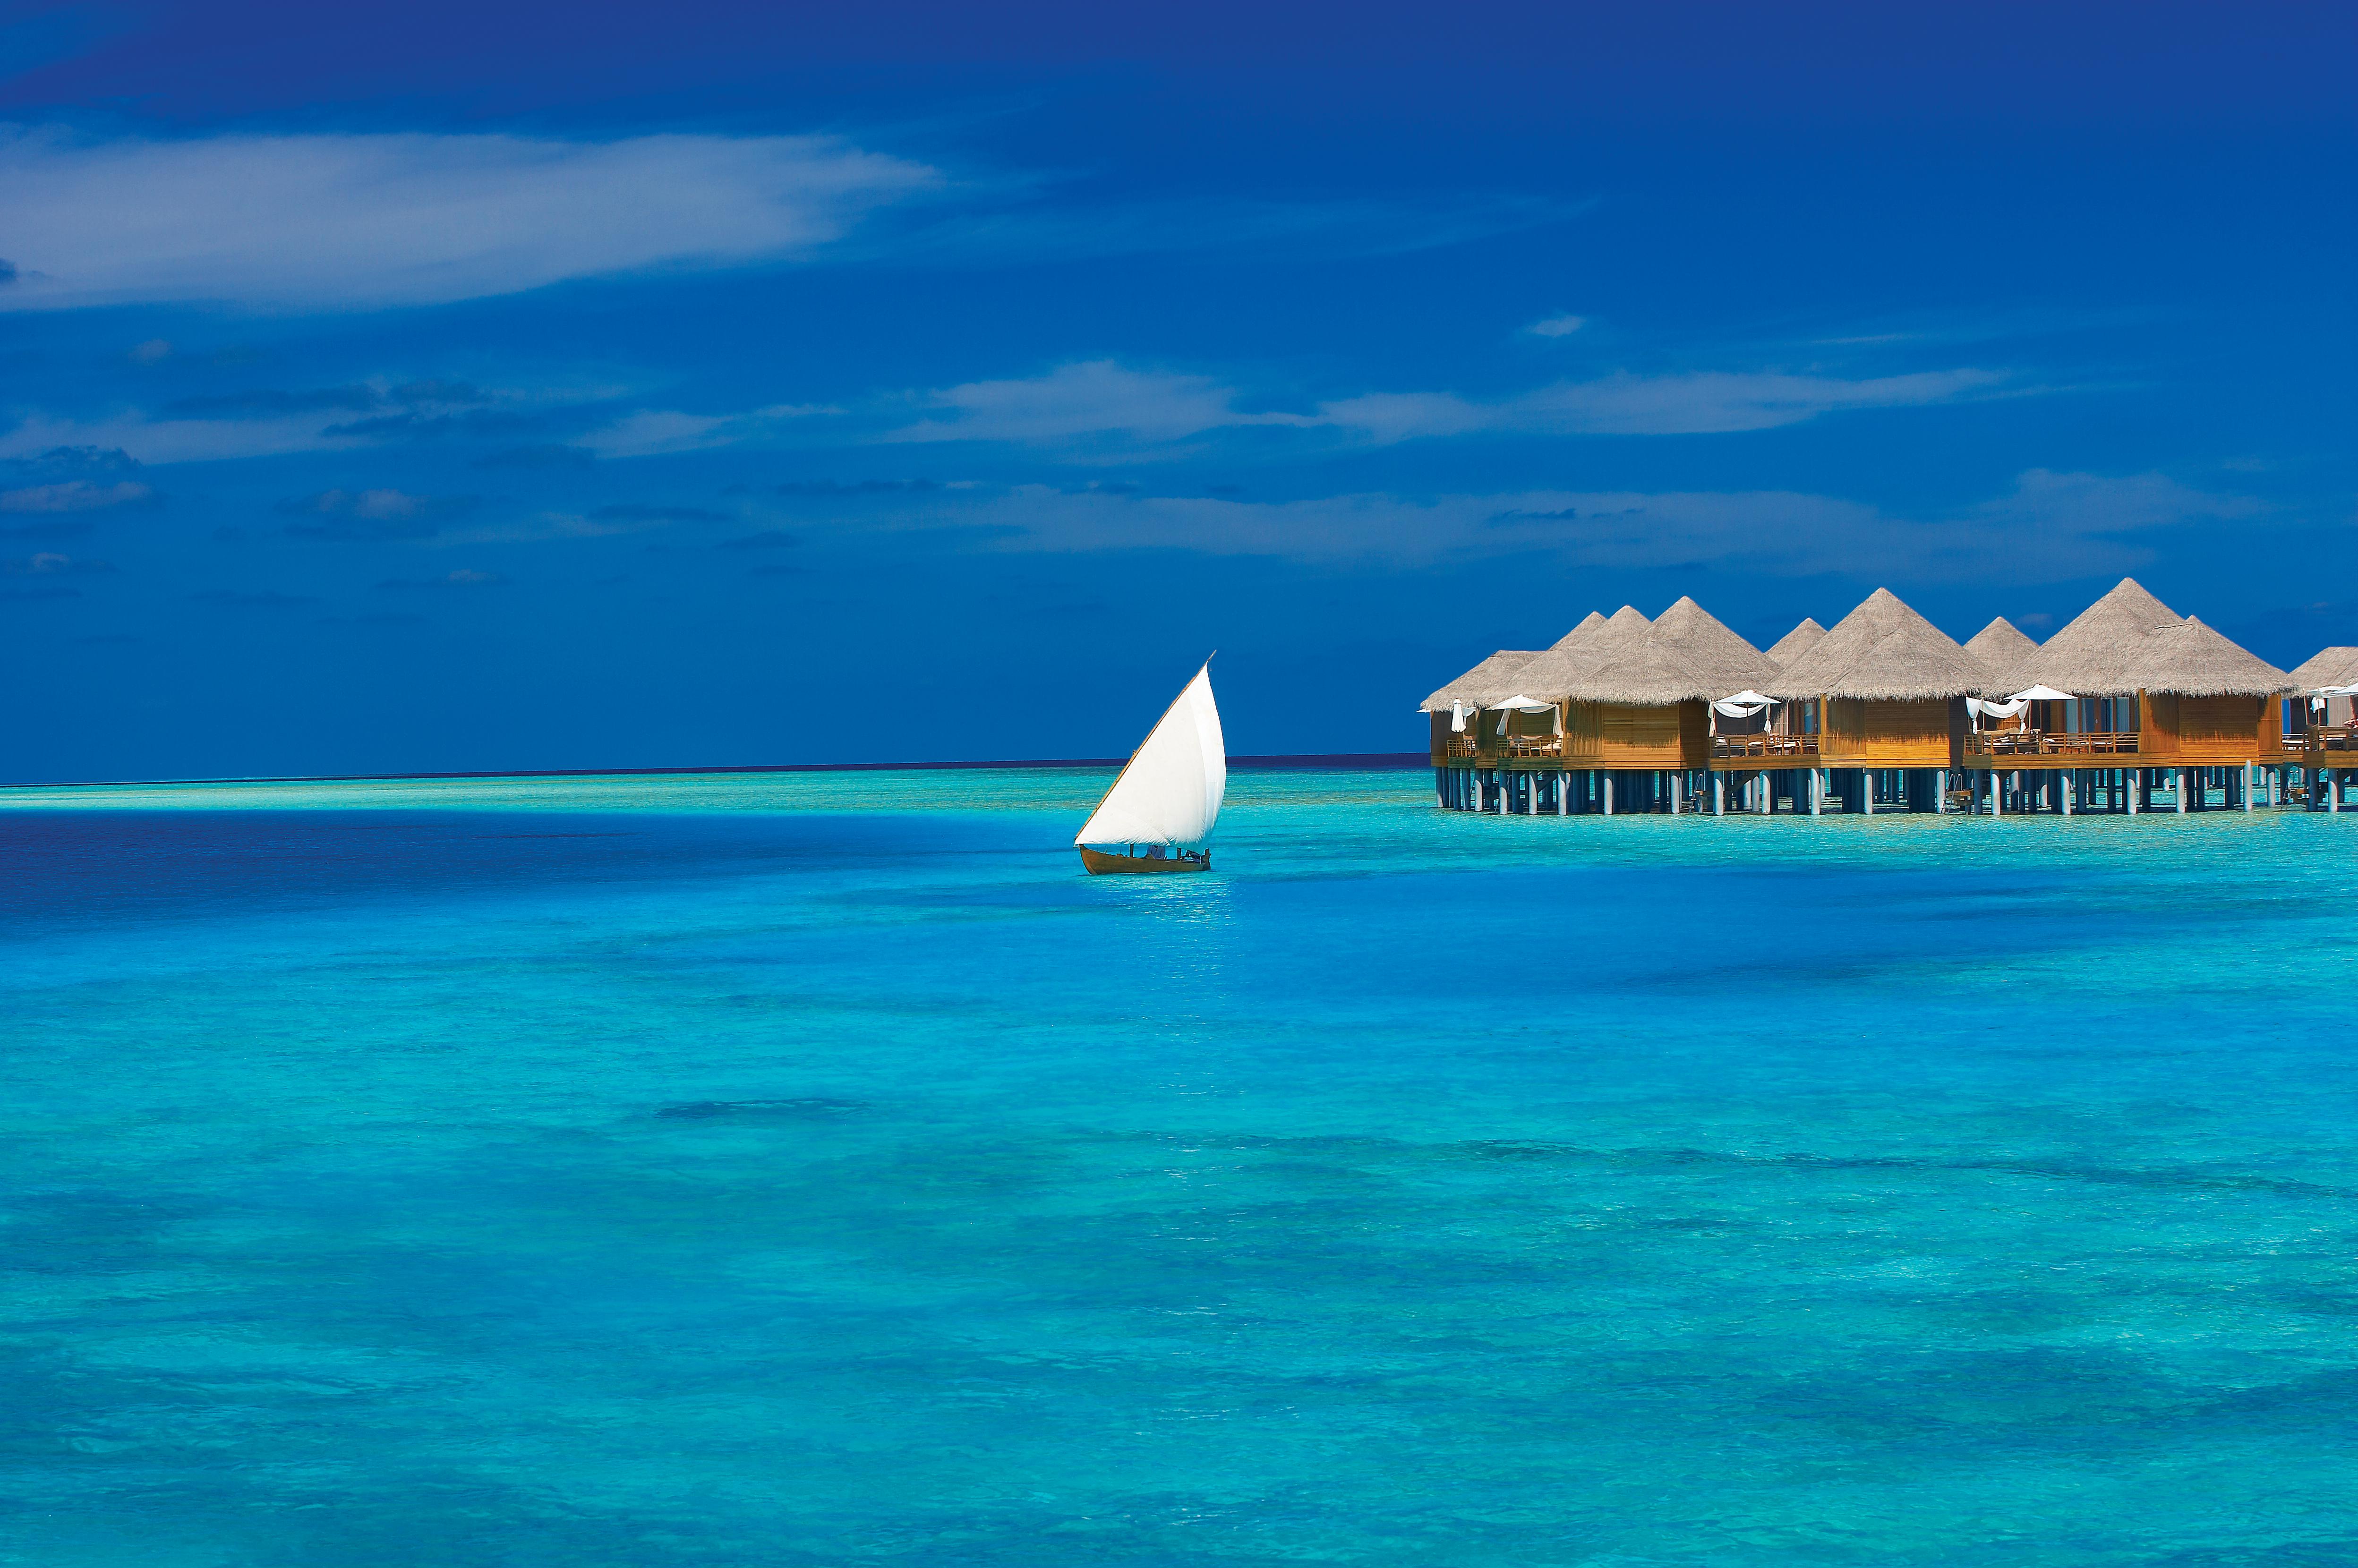 Baros-Maldives-Water-Villas-Exterior